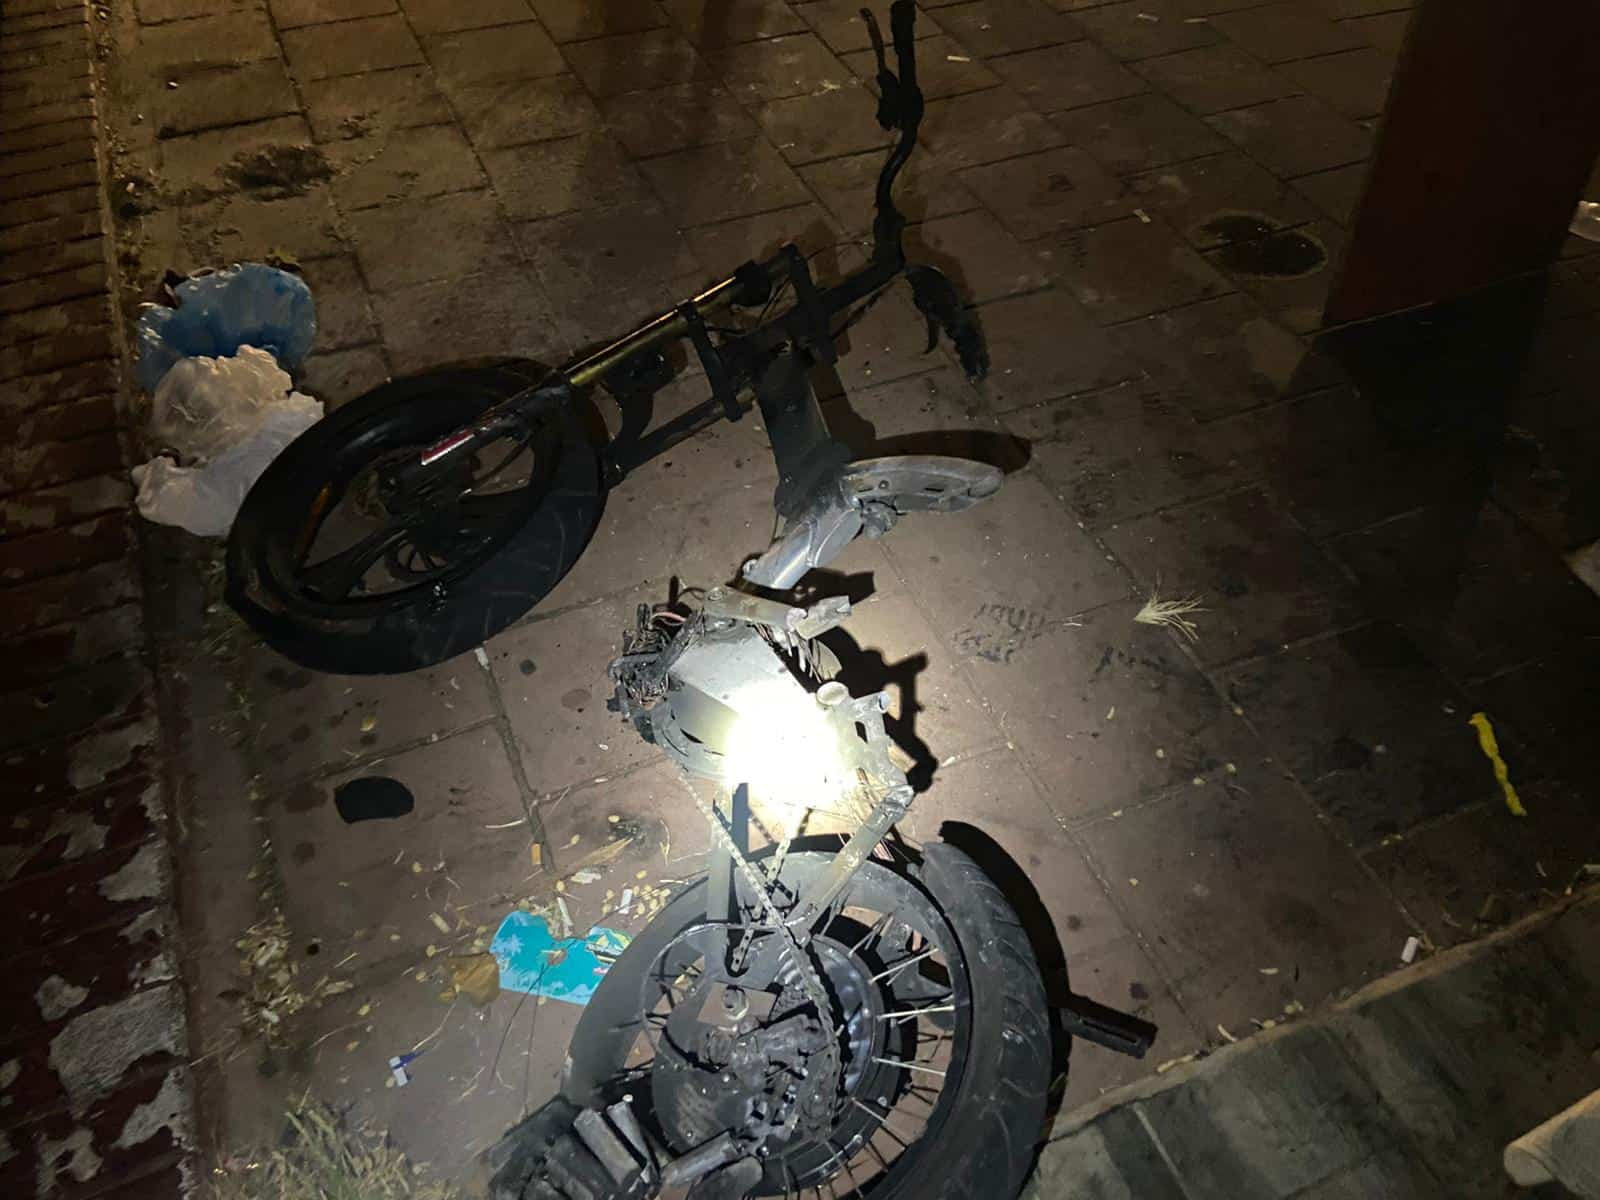 אופניים חשמליים שרפו את בית הכנסת. רמת גן. קרדיט: דוברות כבאות והצלה מחוז דן